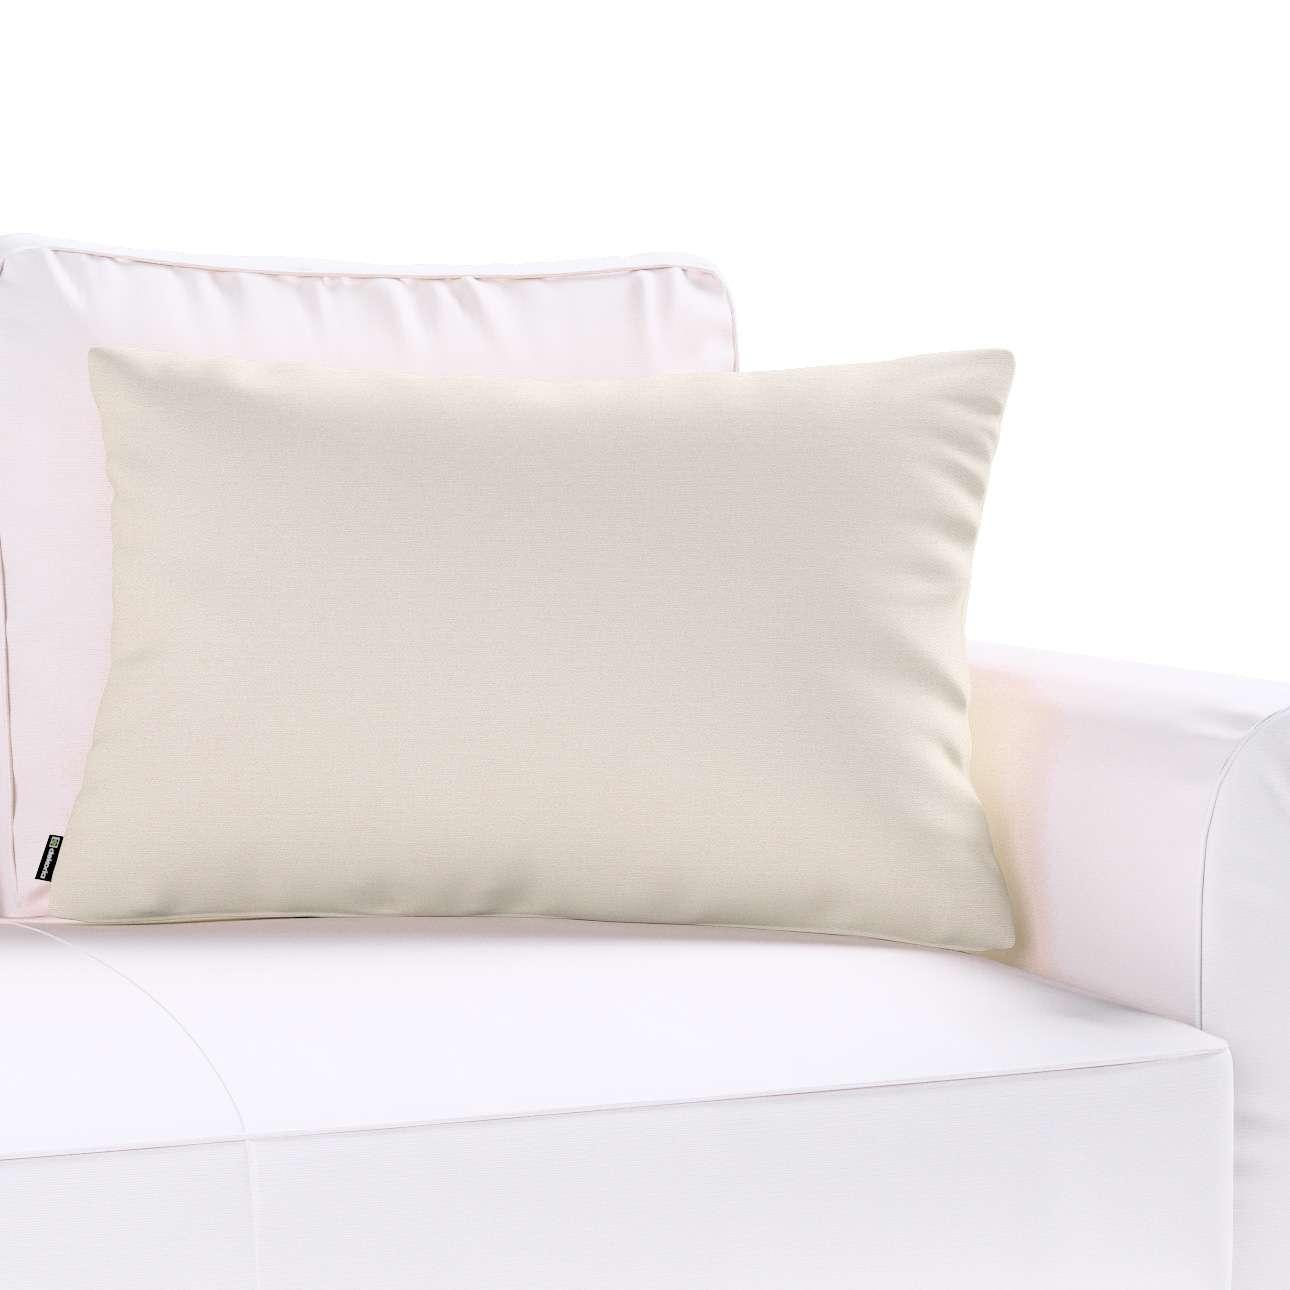 Poszewka Kinga na poduszkę prostokątną w kolekcji Cotton Panama, tkanina: 702-31